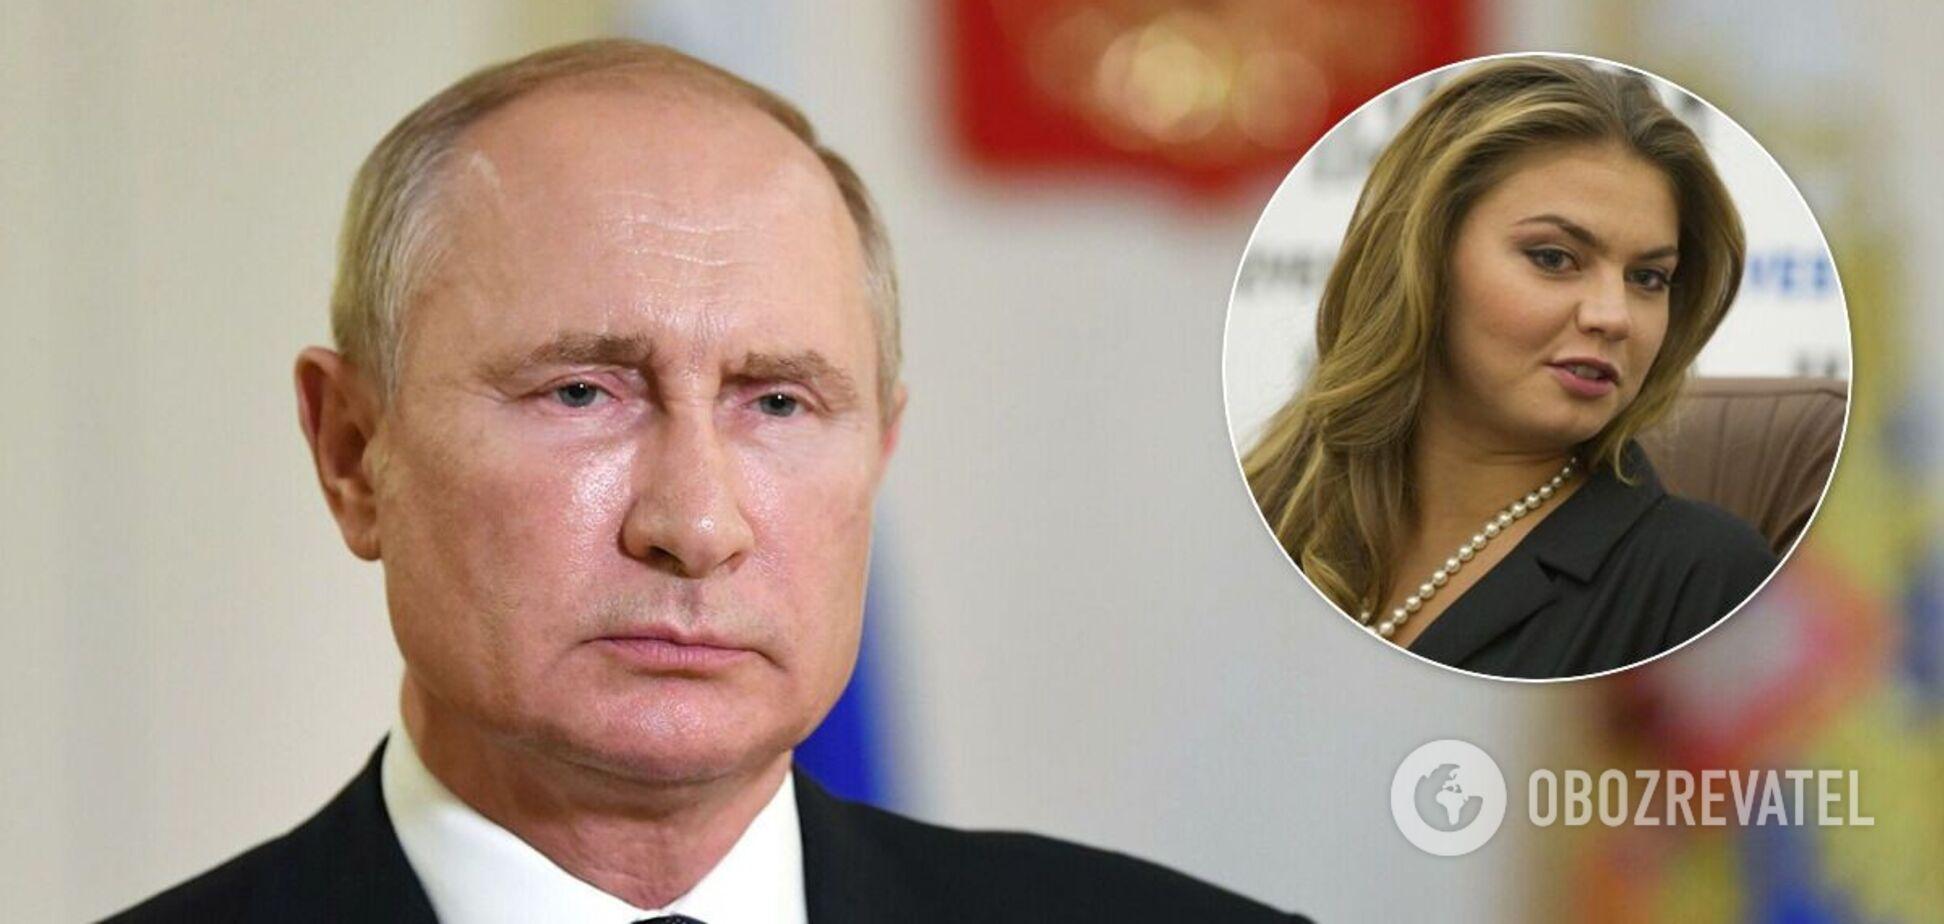 О романе Путина и Кабаевой начали писать еще в 2006 году